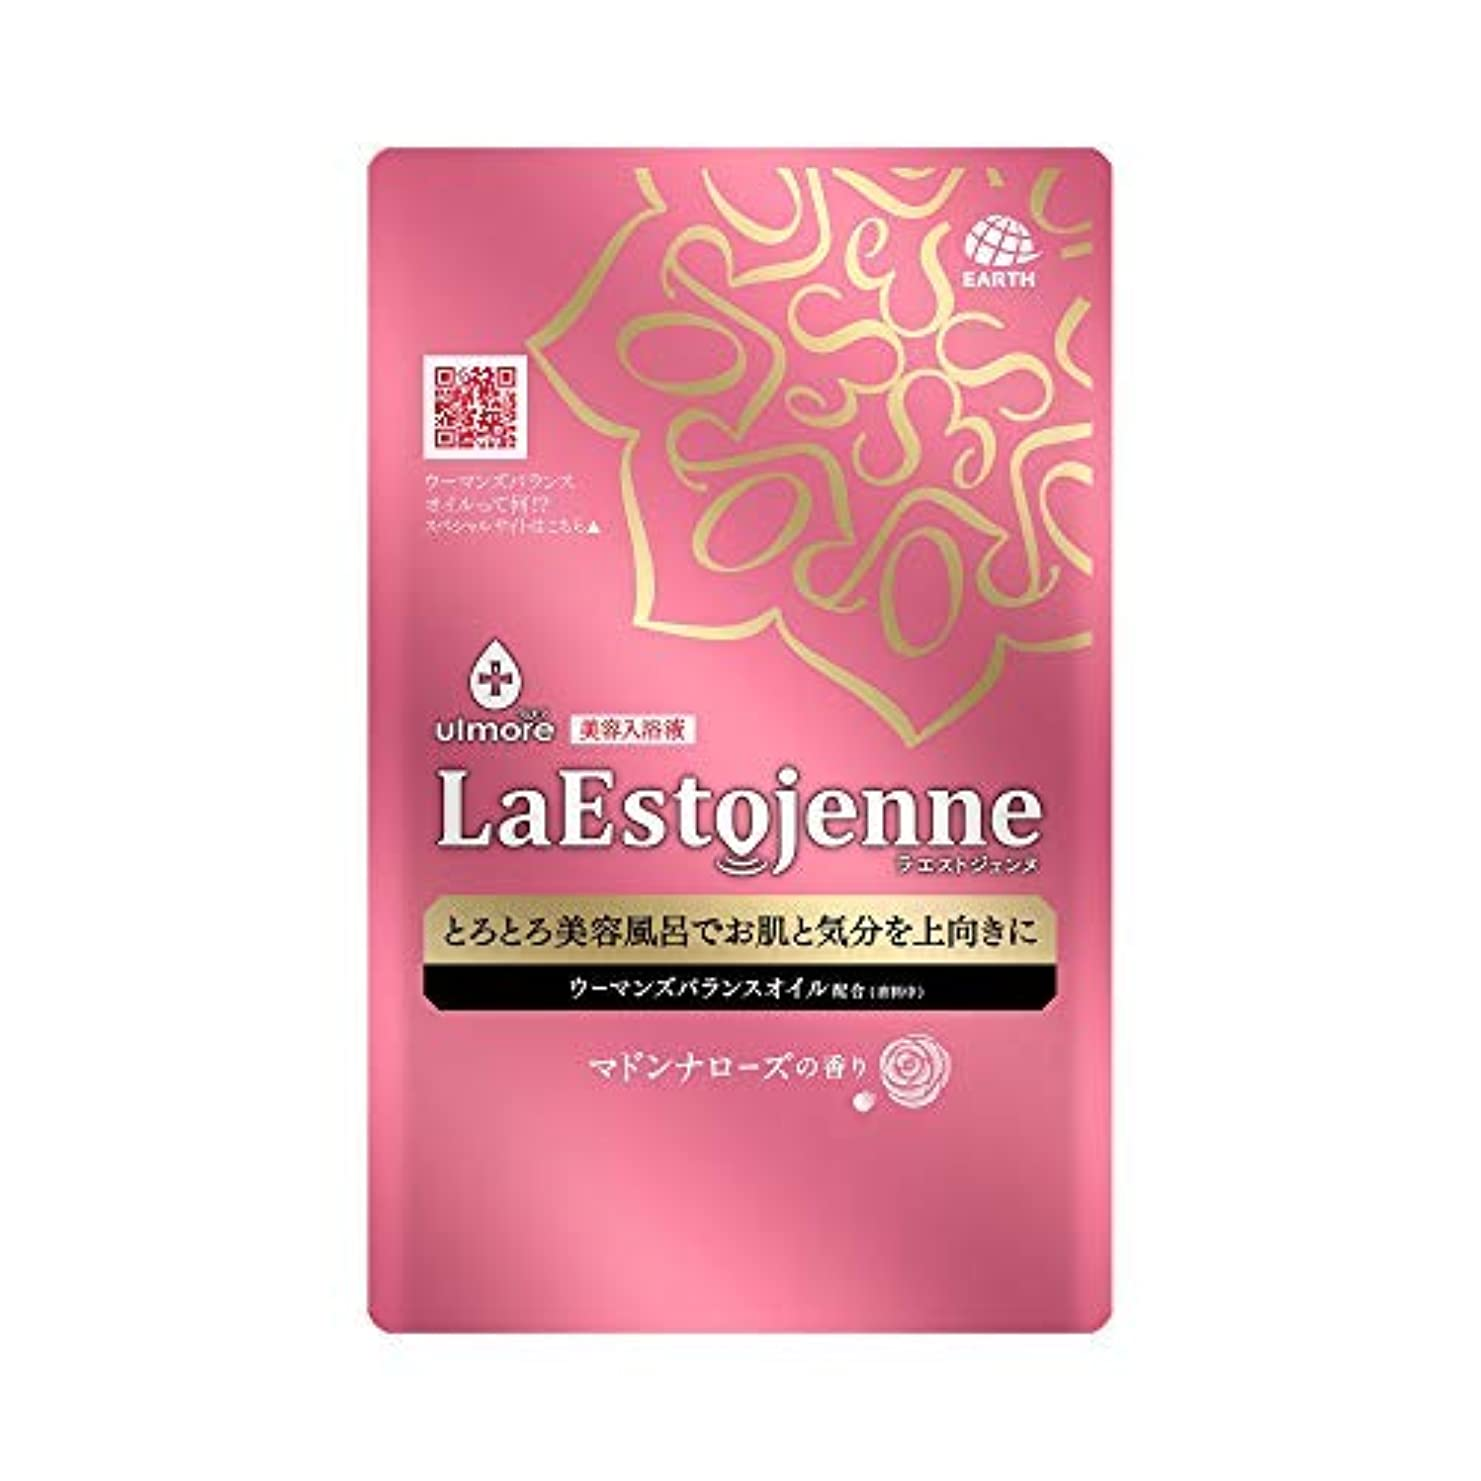 集中数学的ななかなかウルモア ラエストジェンヌ マドンナローズの香り 1包 × 12個セット